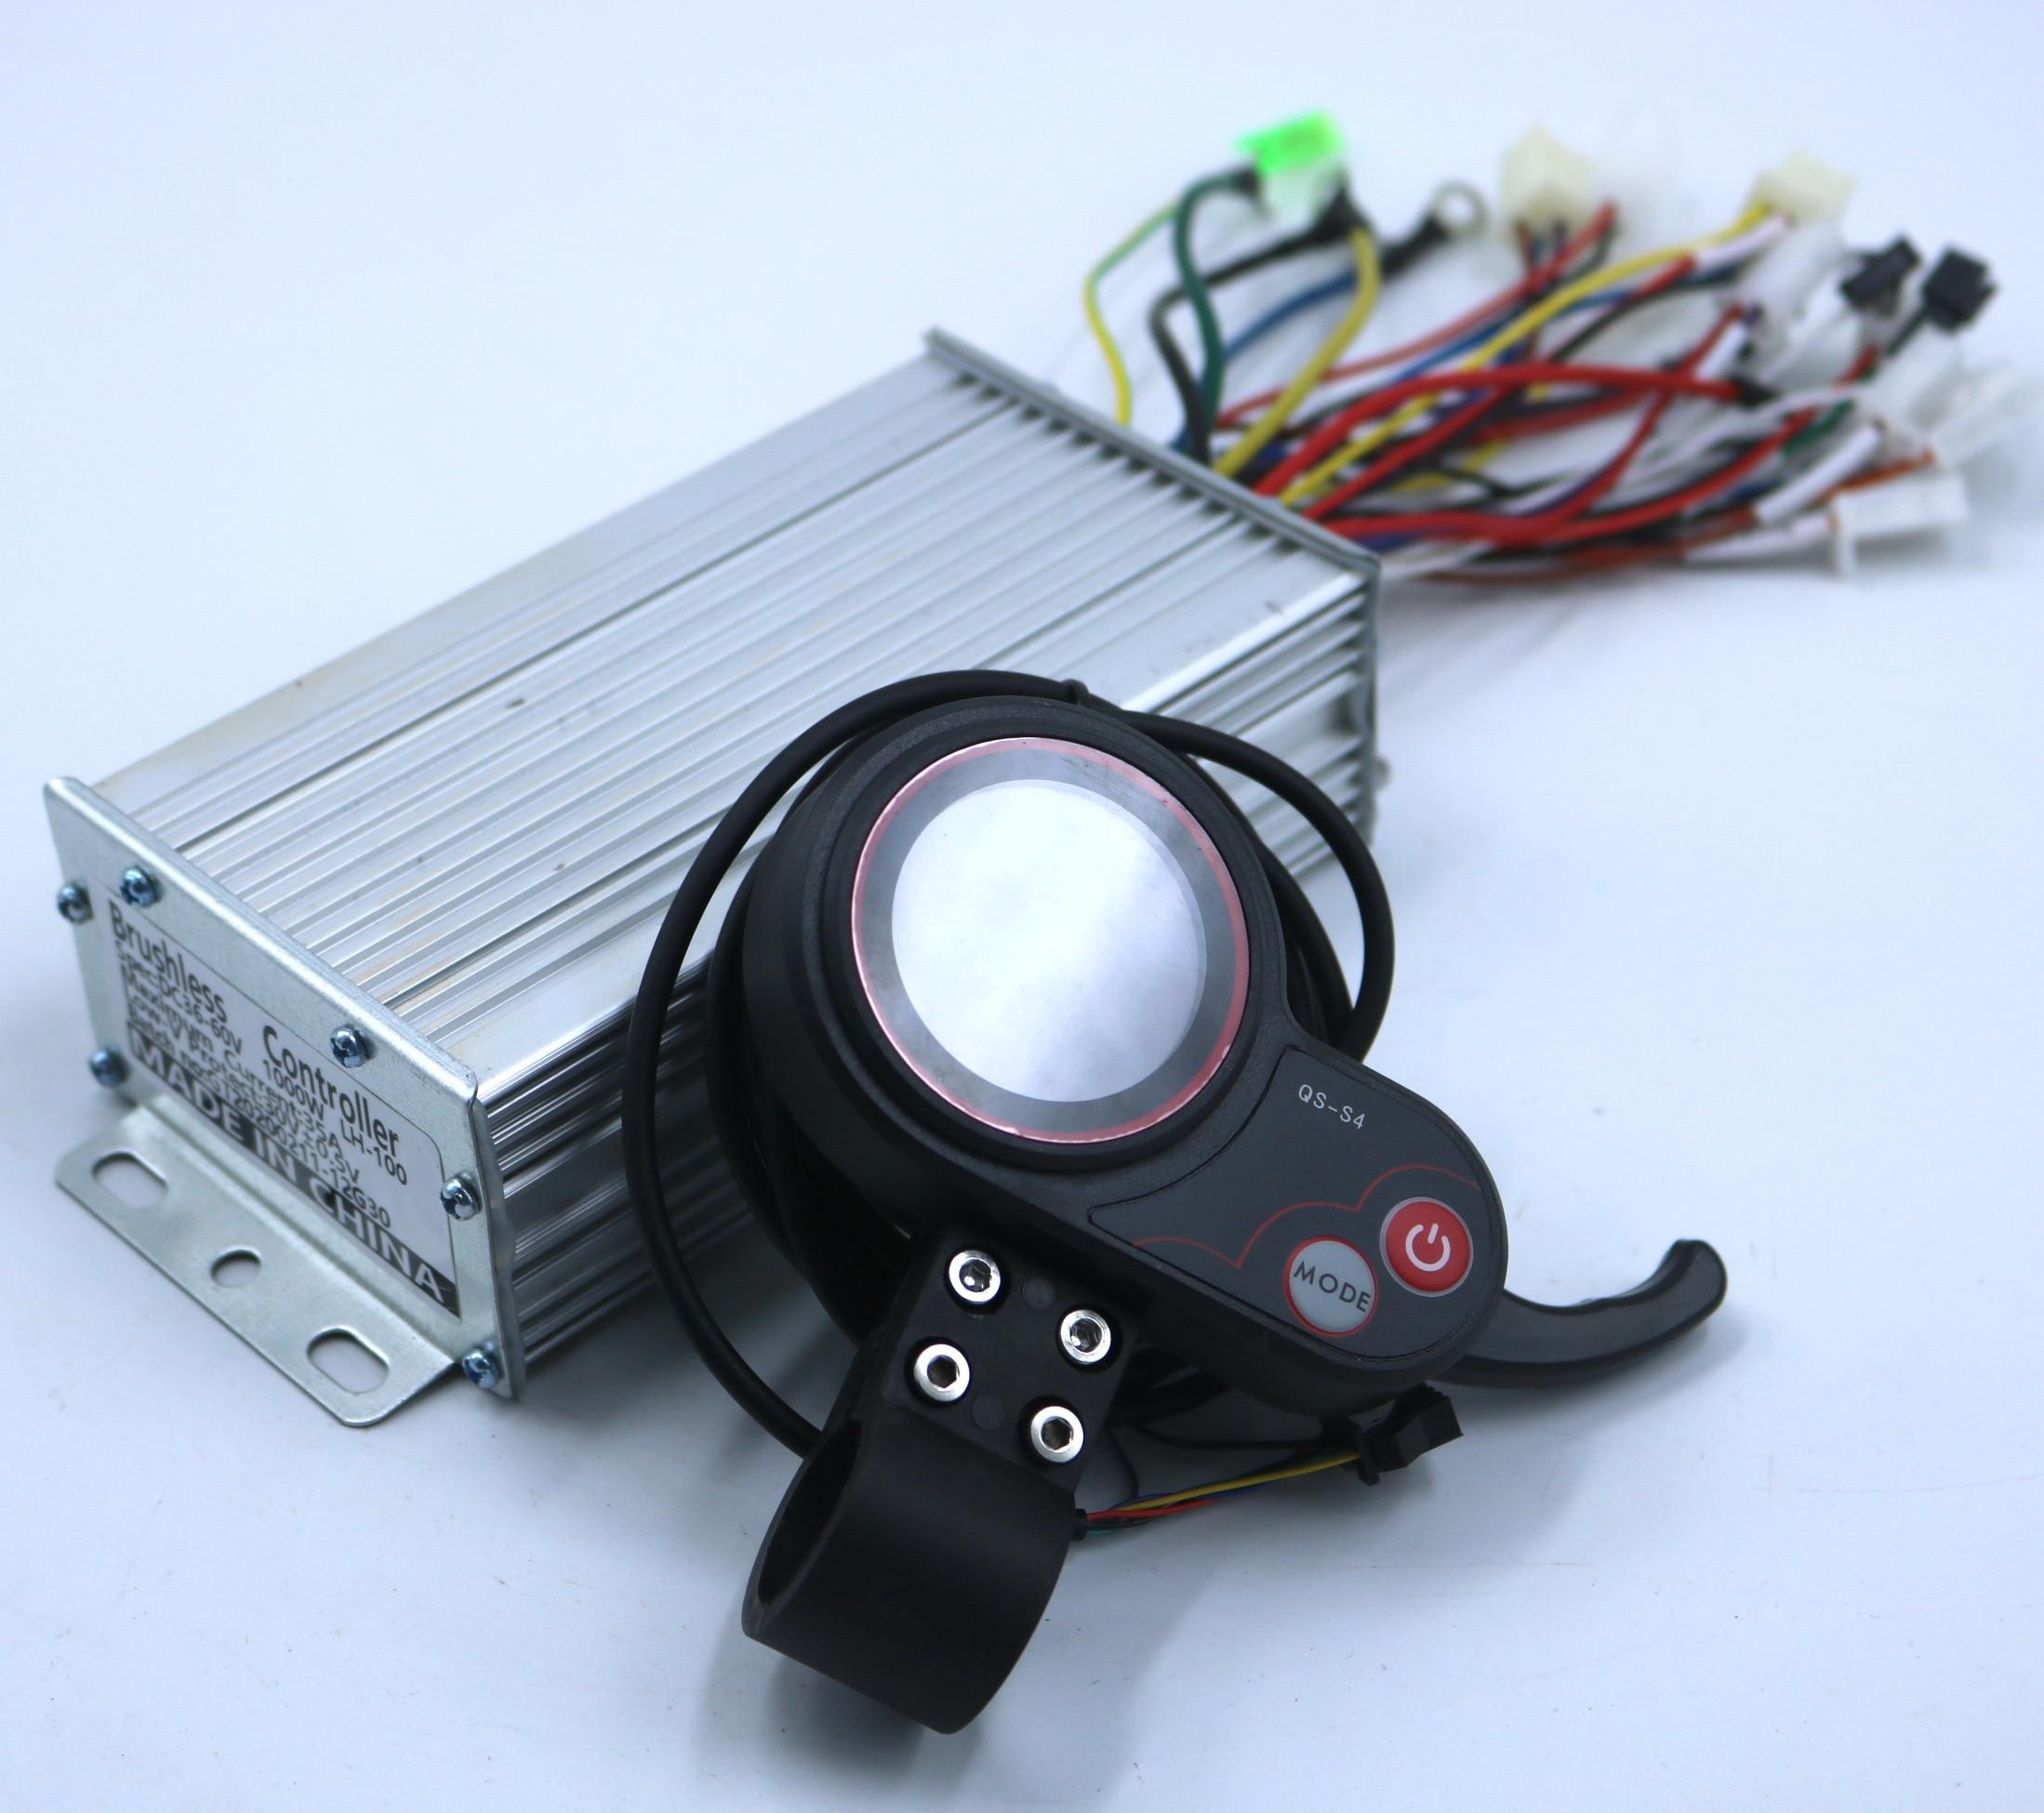 GREENTIME 36В/48В/60В 800/1000 Вт BLDC Электрический контроллер для мотороллера E-bike бесщеточный драйвер скорости и QS-S4 ЖК-дисплей